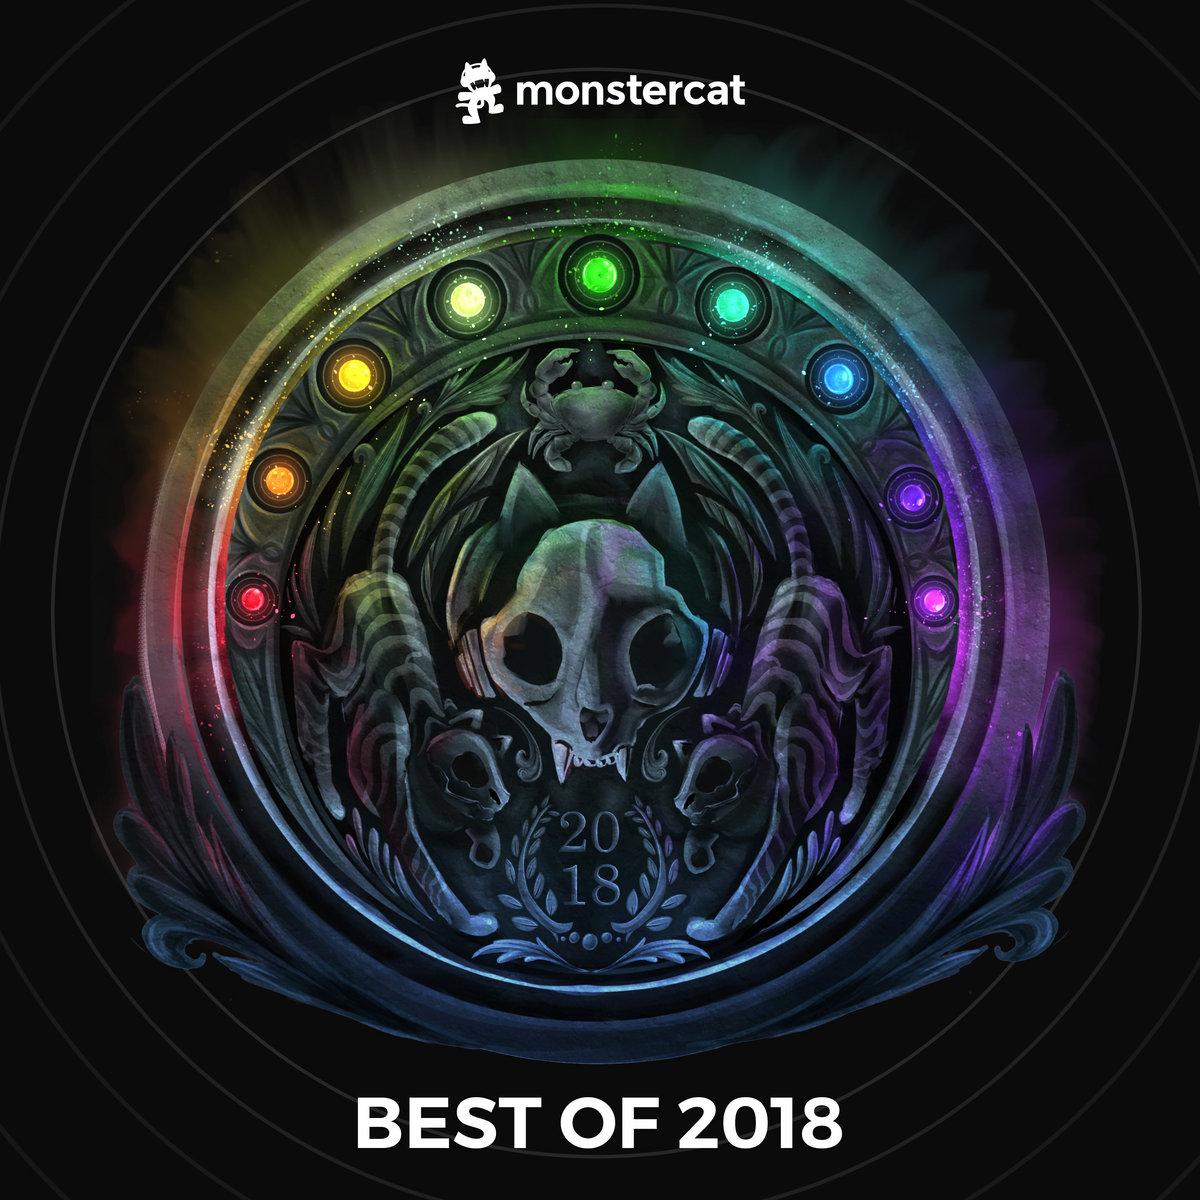 Monstercat - Best of 2018 | Monstercat